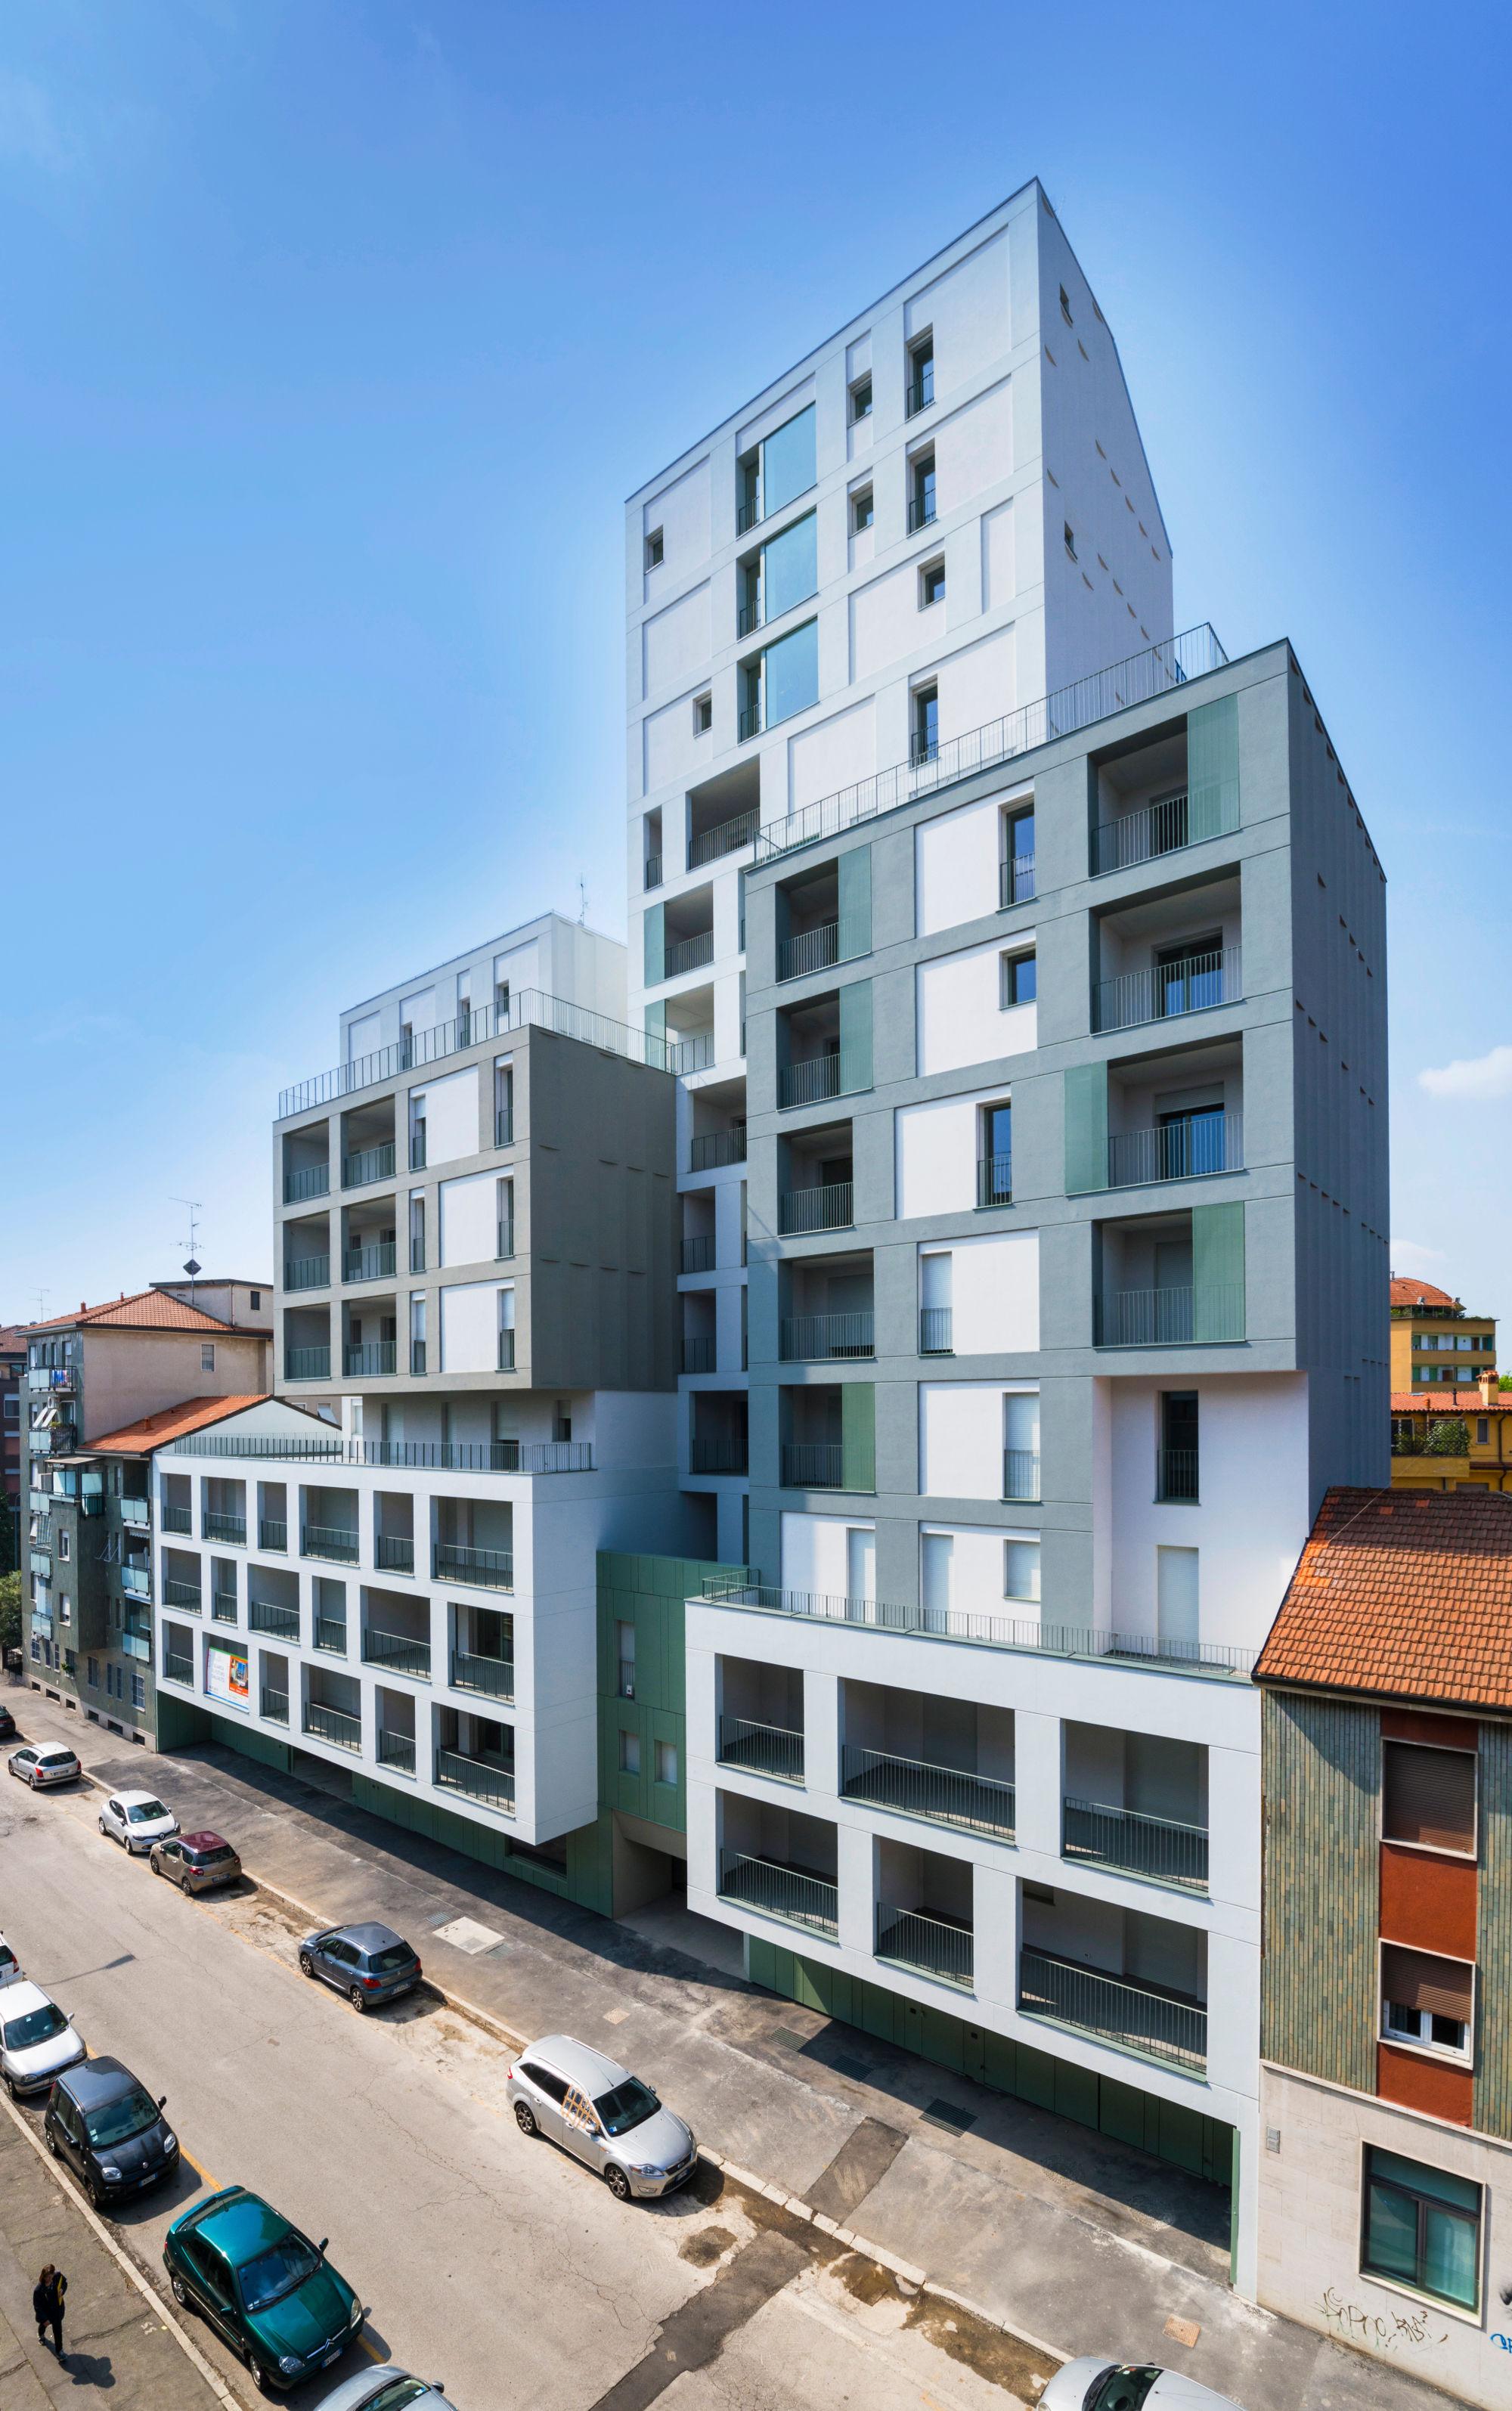 Nuovo edificio residenziale - image 1